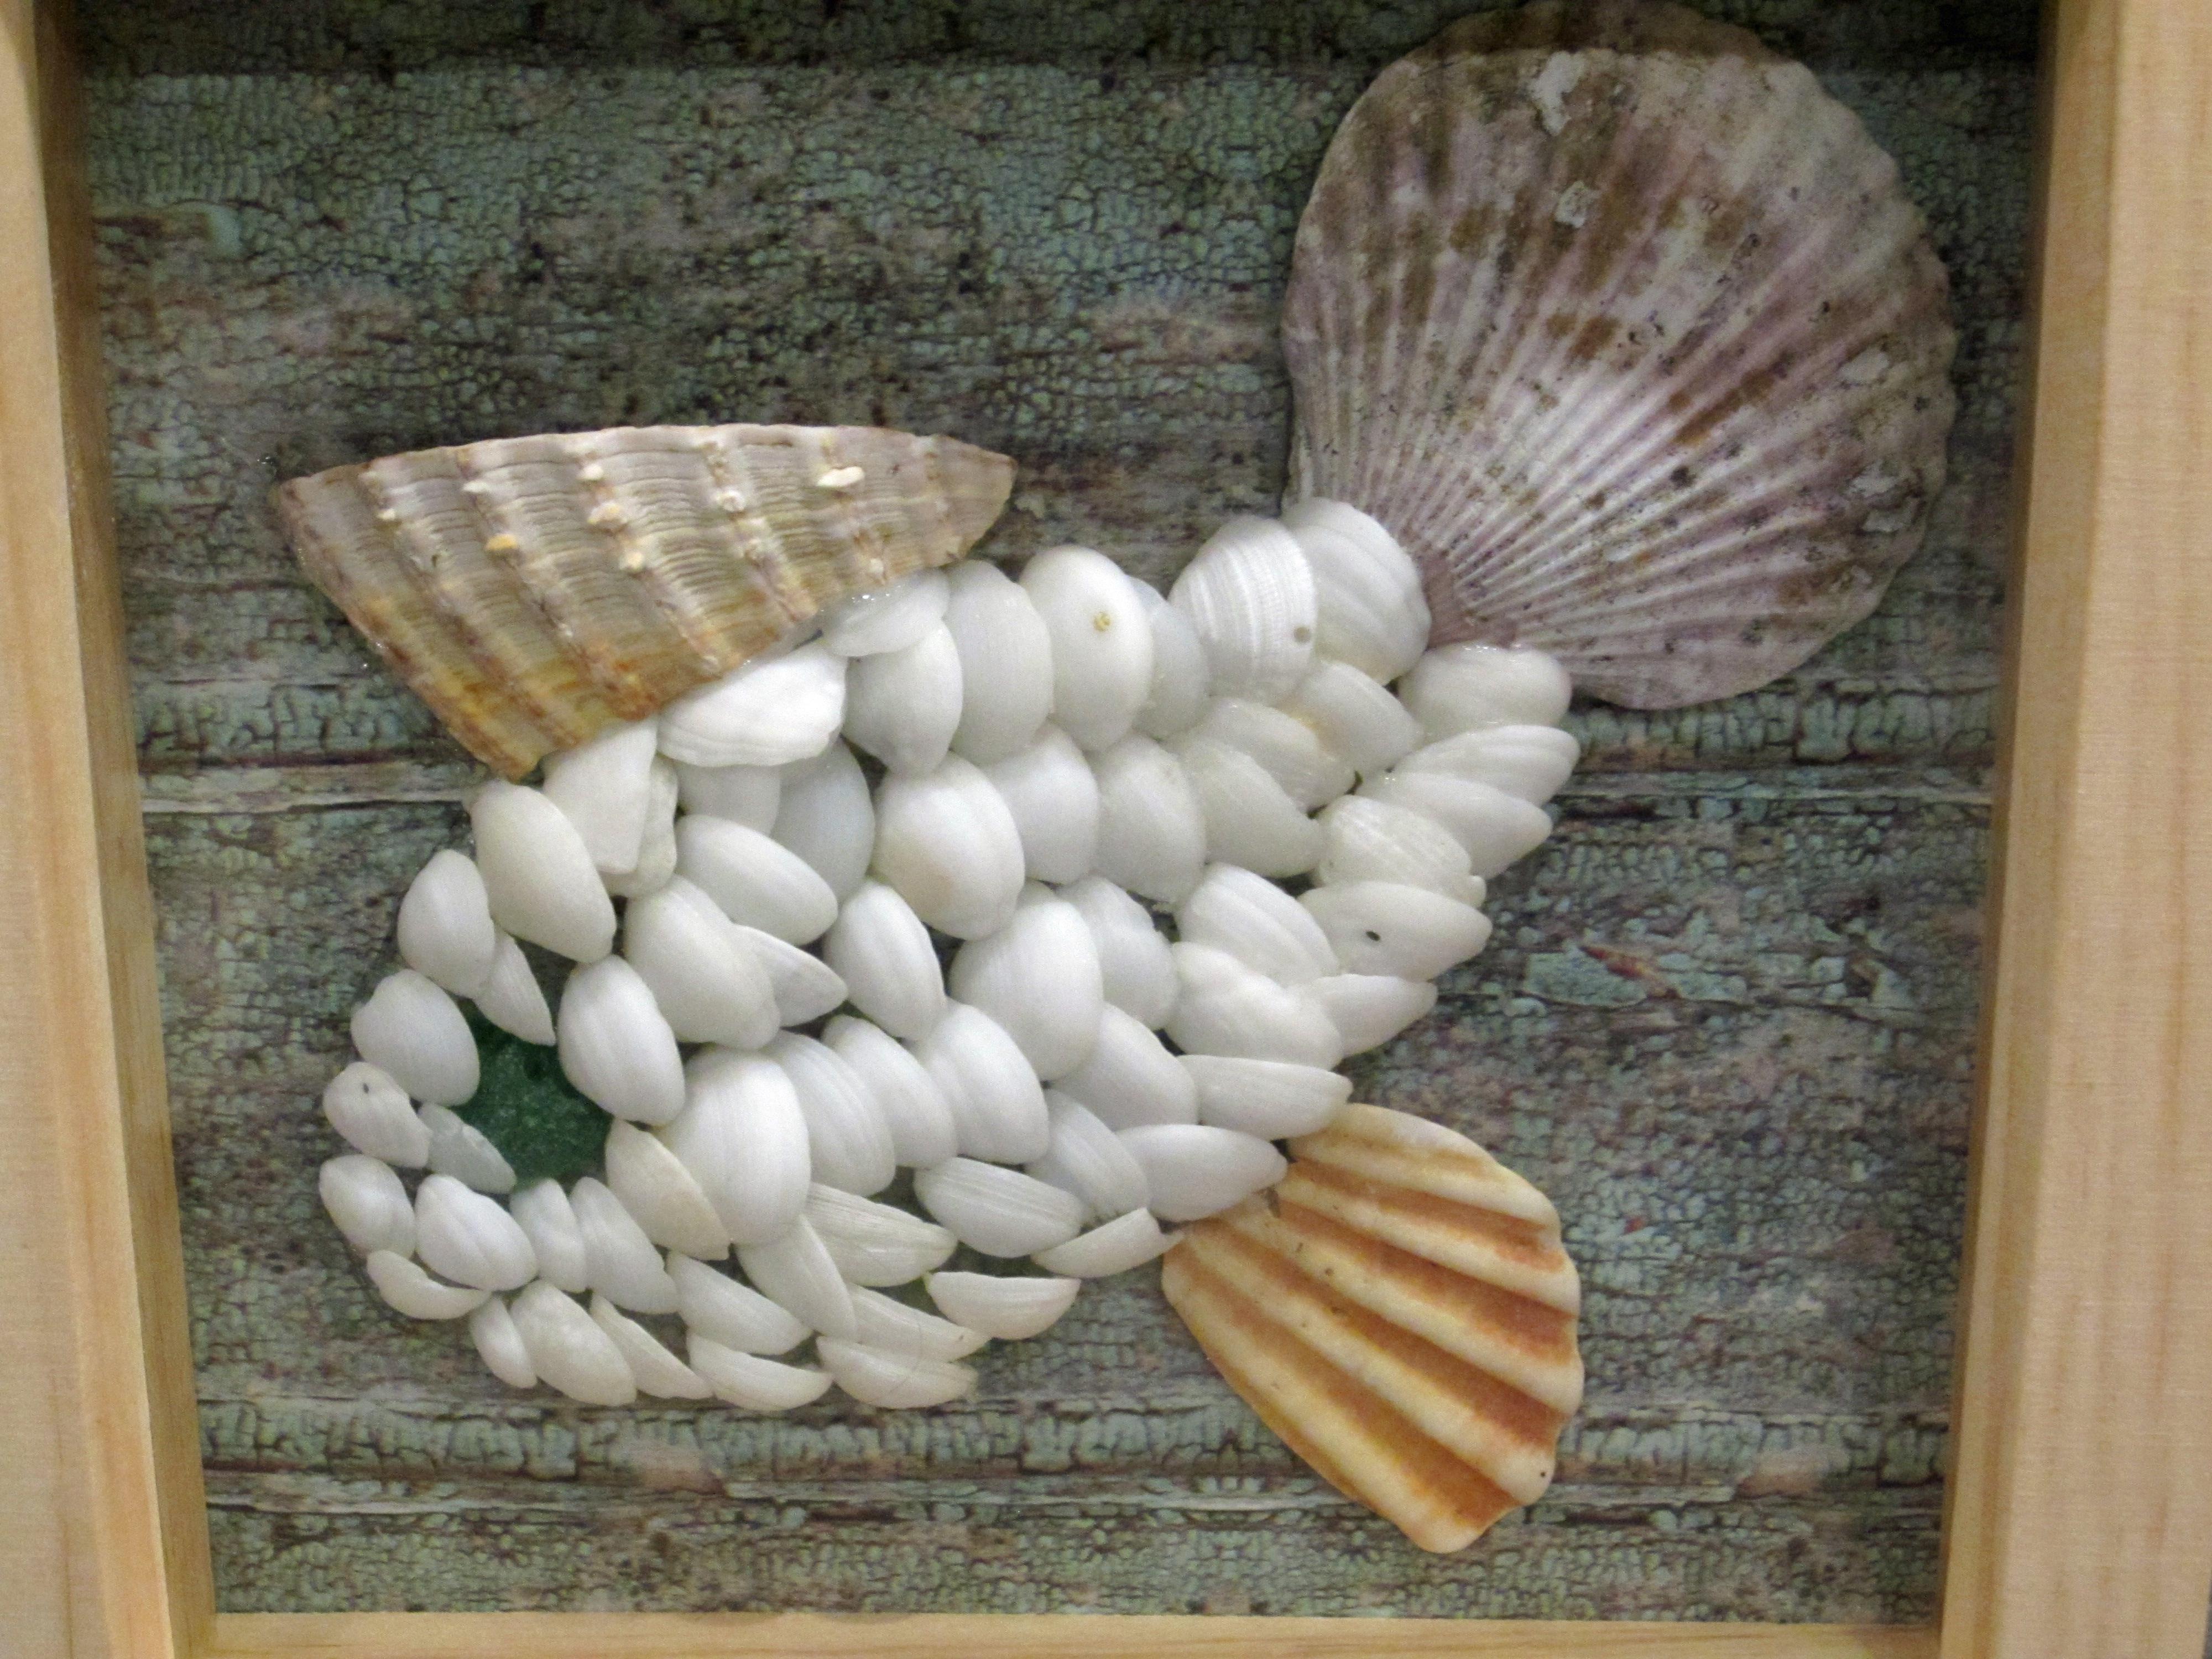 Shell fish 2